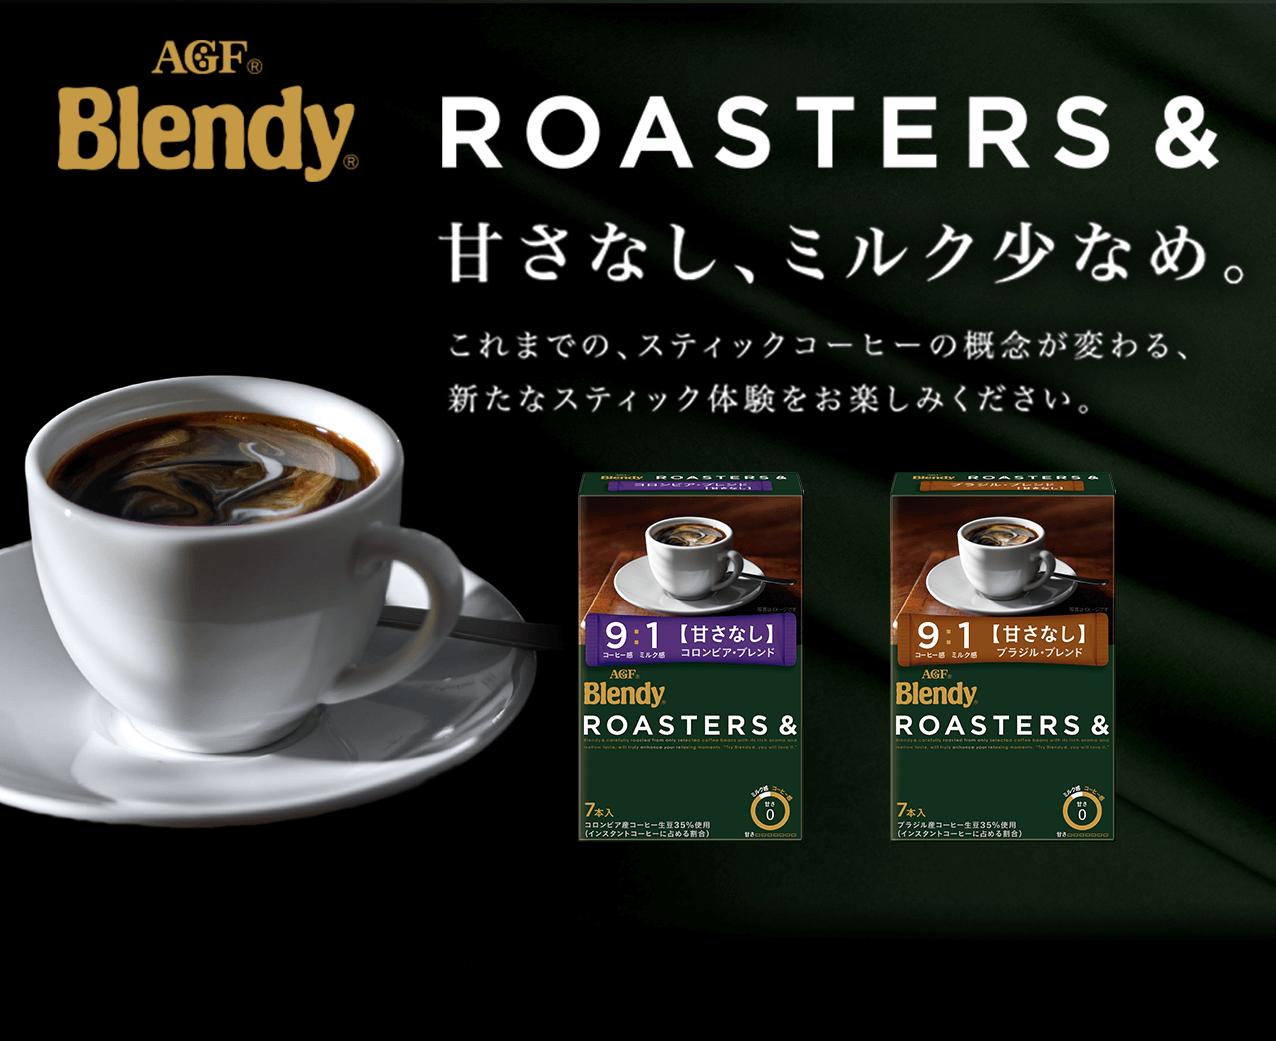 ブレンディ ROASTERS& 甘さなし、ミルク少なめ。これまでの、スティックコーヒーの概念が変わる、新たなスティック体験をお楽しみください。